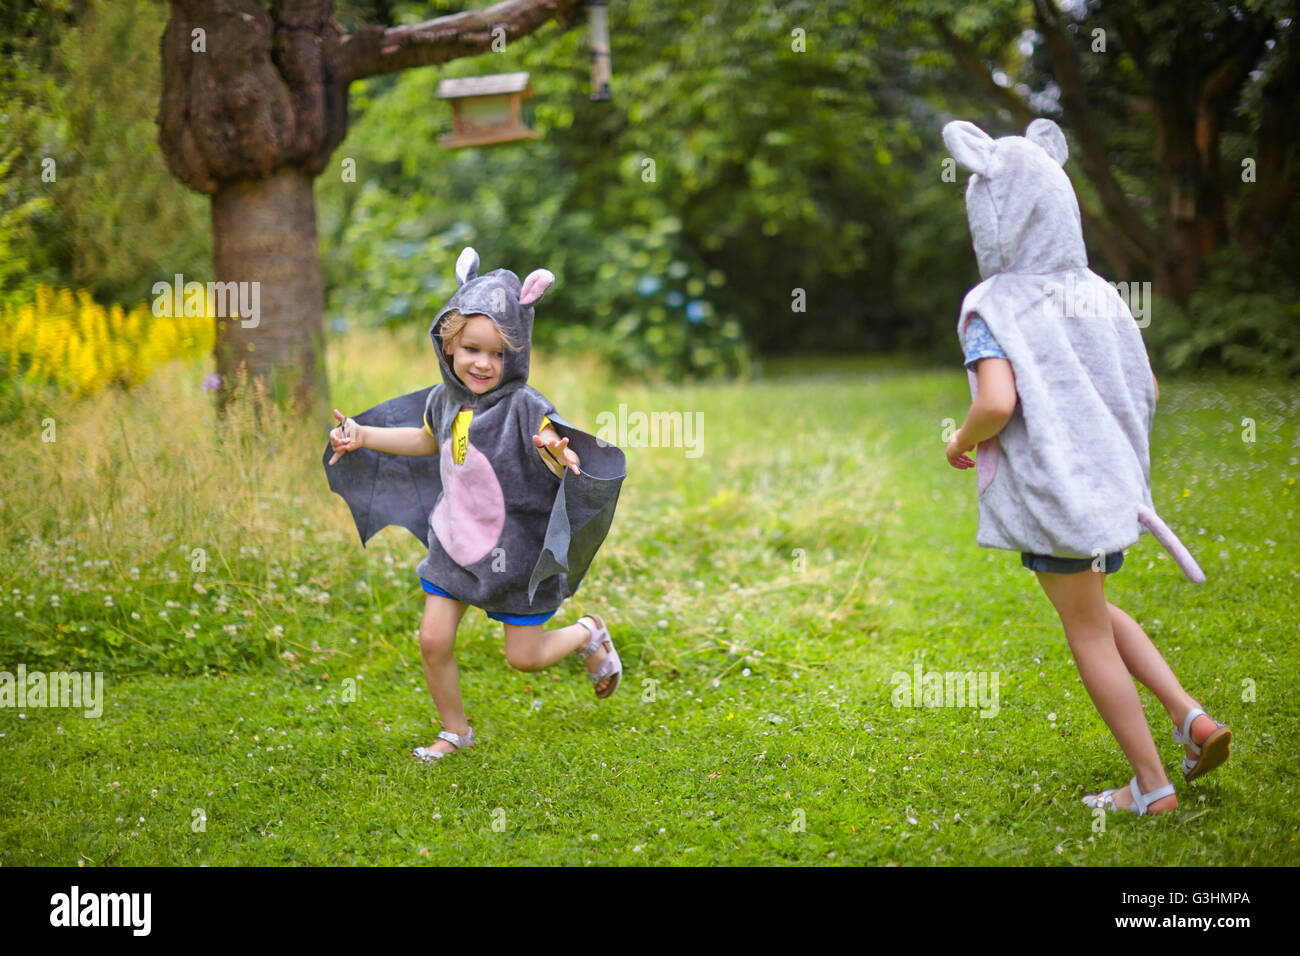 Deux jeunes sœurs portant le costume de la souris s'exécutant dans jardin Banque D'Images